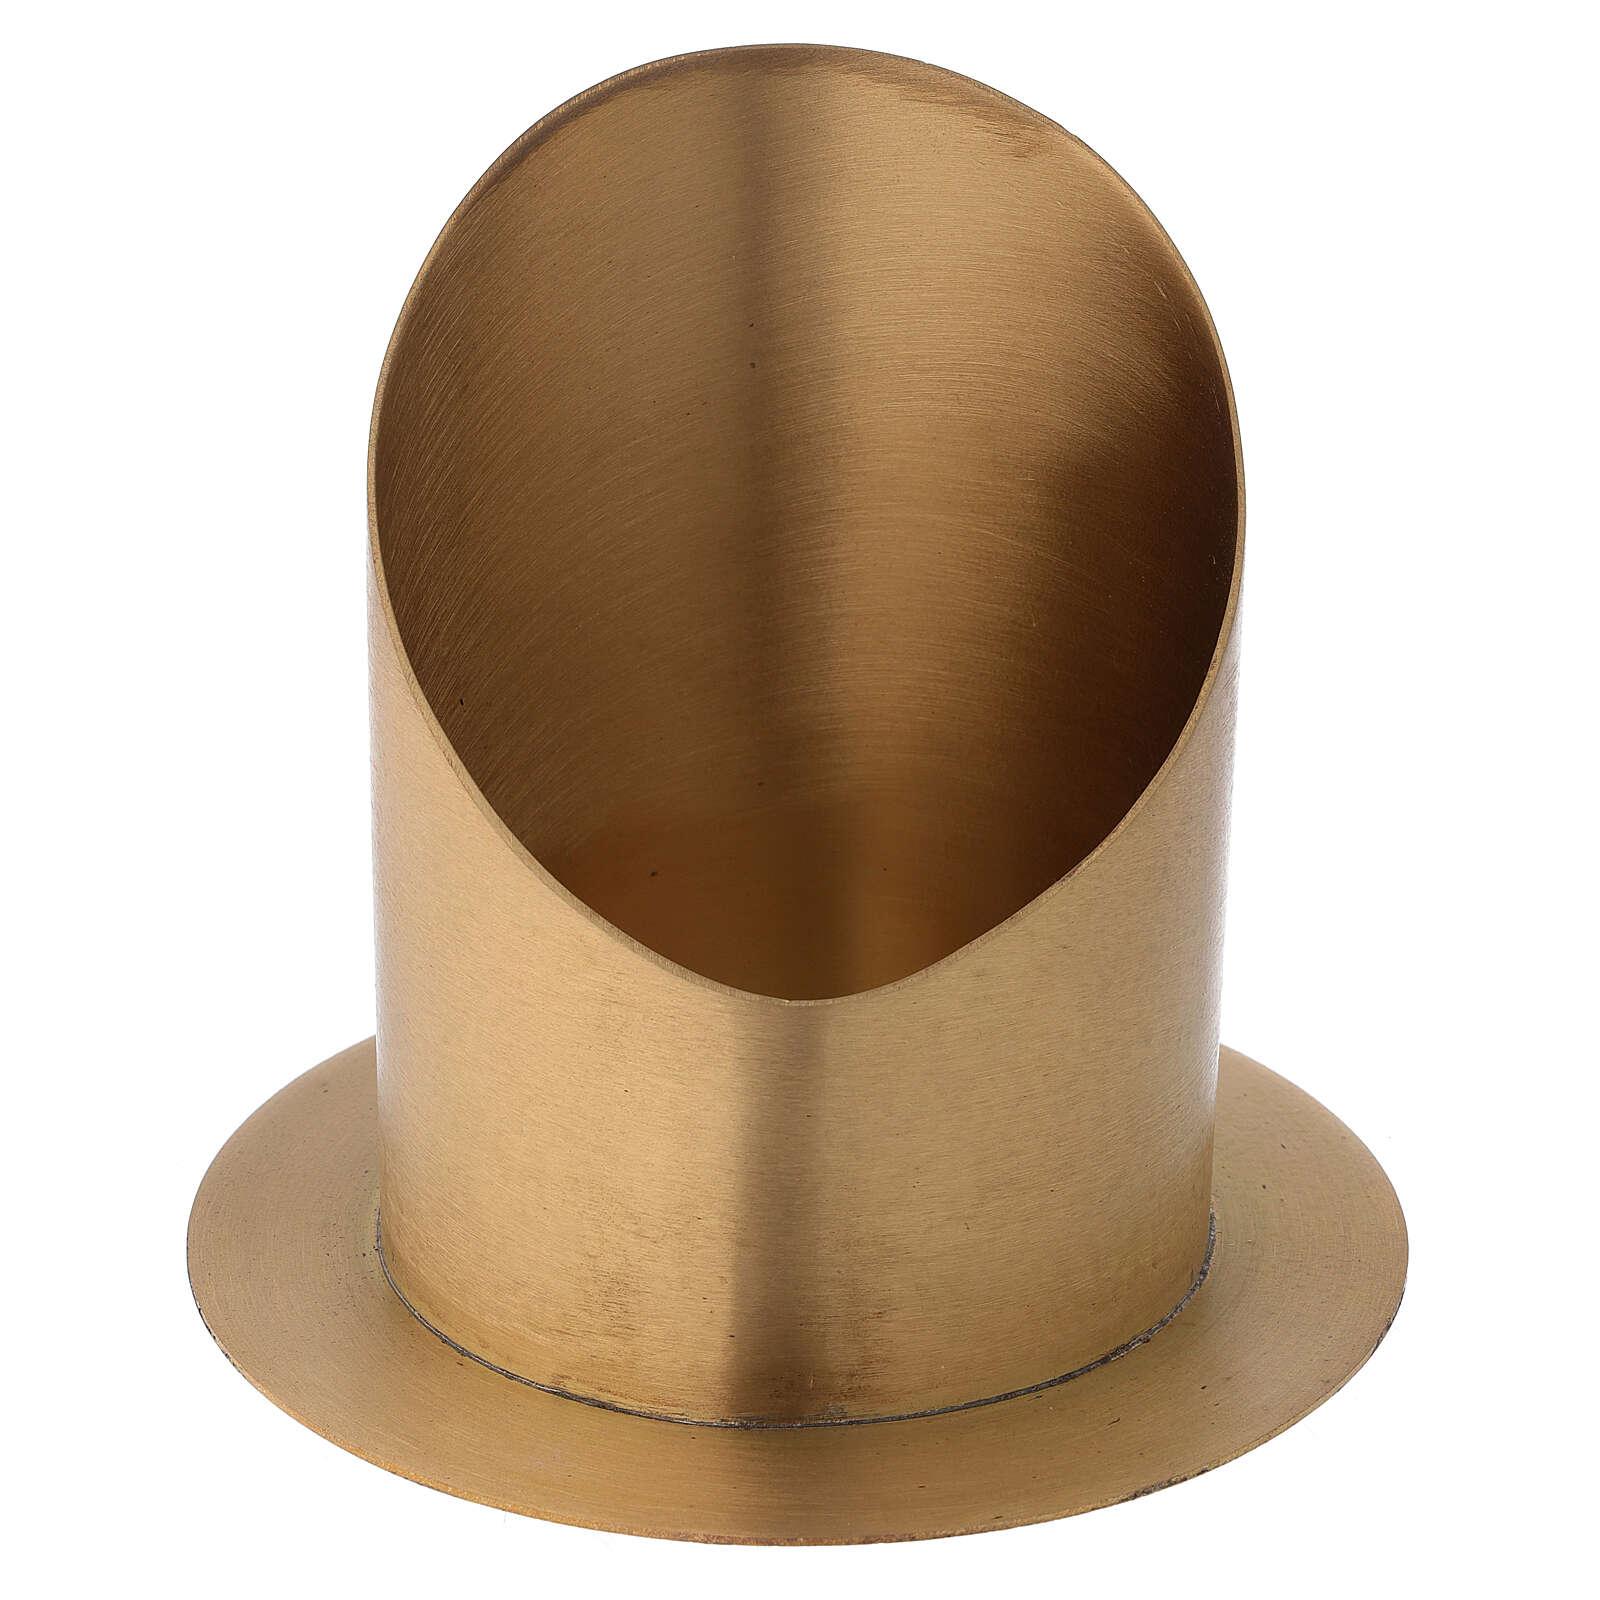 Candleholder oblique cut satin golden brass diameter 10 cm 4